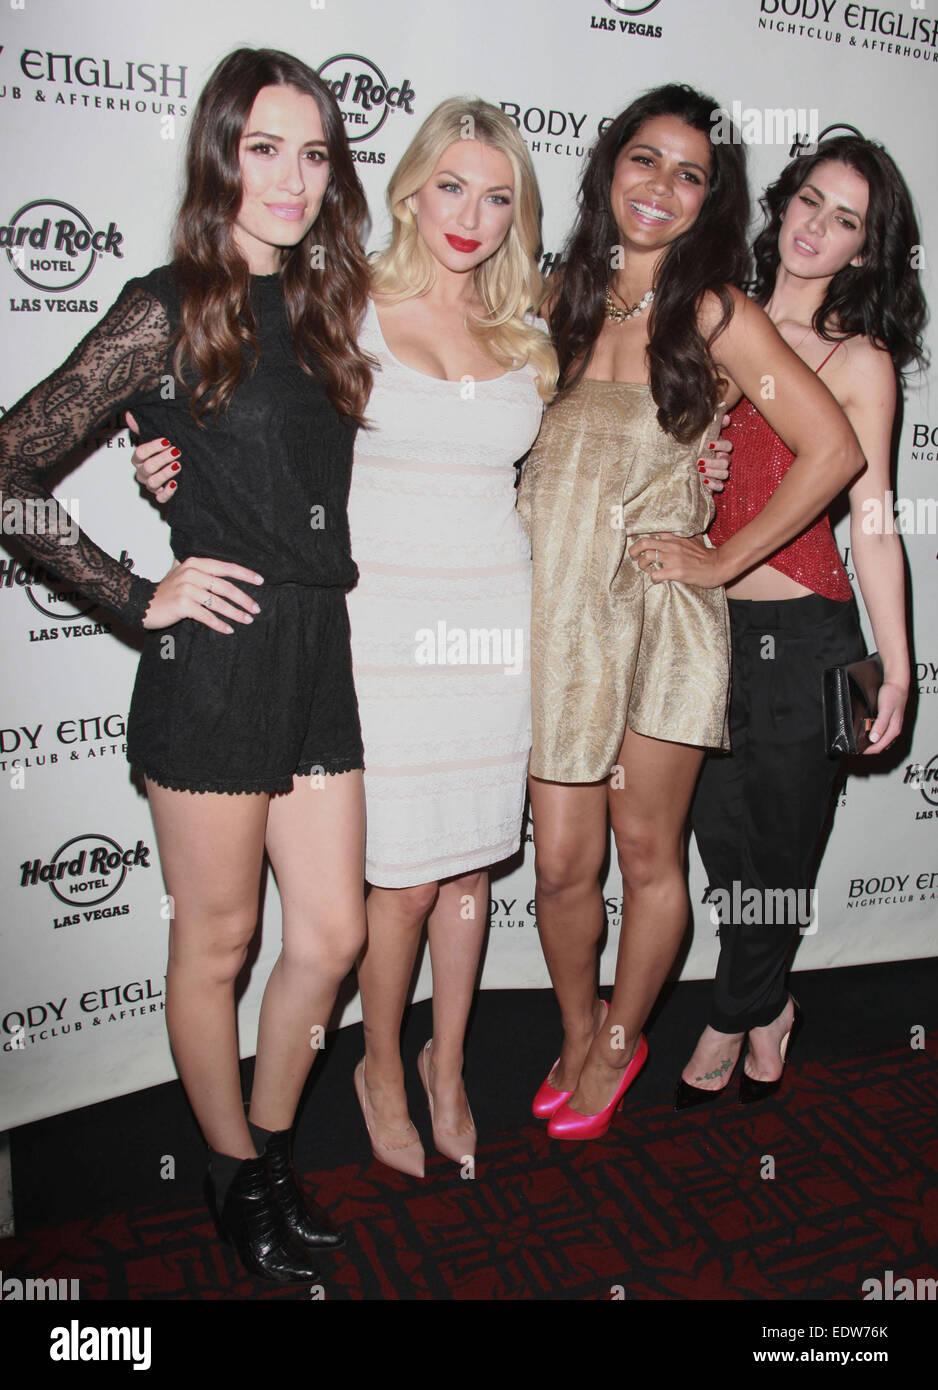 Vanderpump Rules star gets cheeky at Vegas pool party